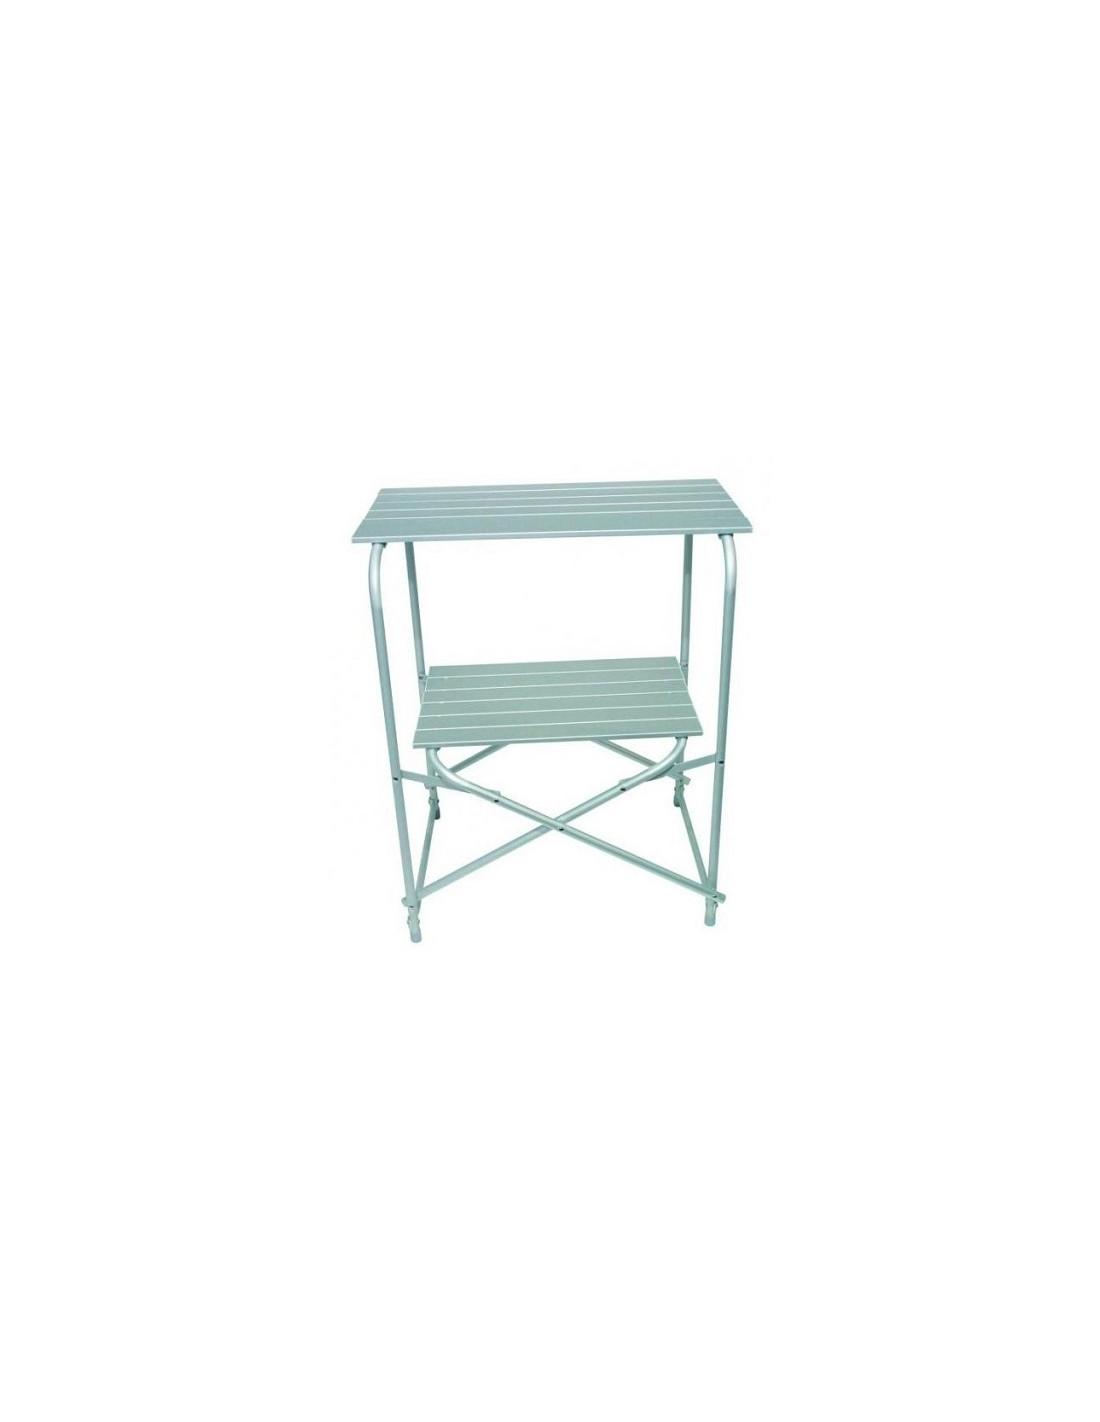 Mueble mesa cocina en aluminio midland pliant laki for Muebles de cocina de aluminio